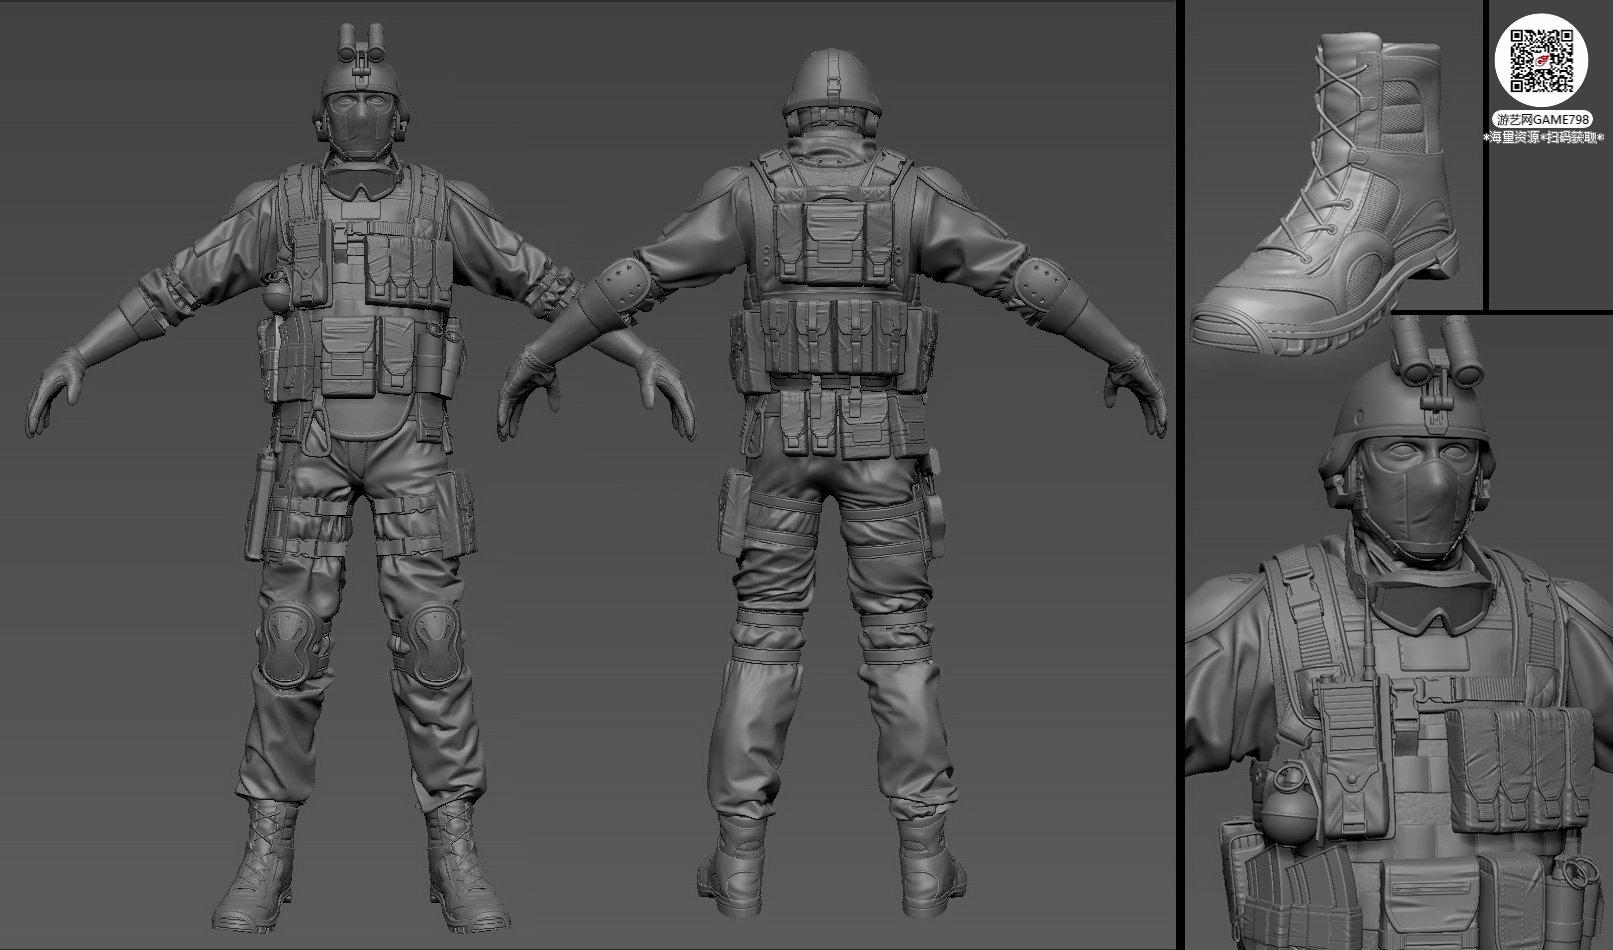 054_关注游艺网公众号获海量资源_3D网游次世代模型大图参考机械怪兽科幻ZBrush4R8雕刻.jpg